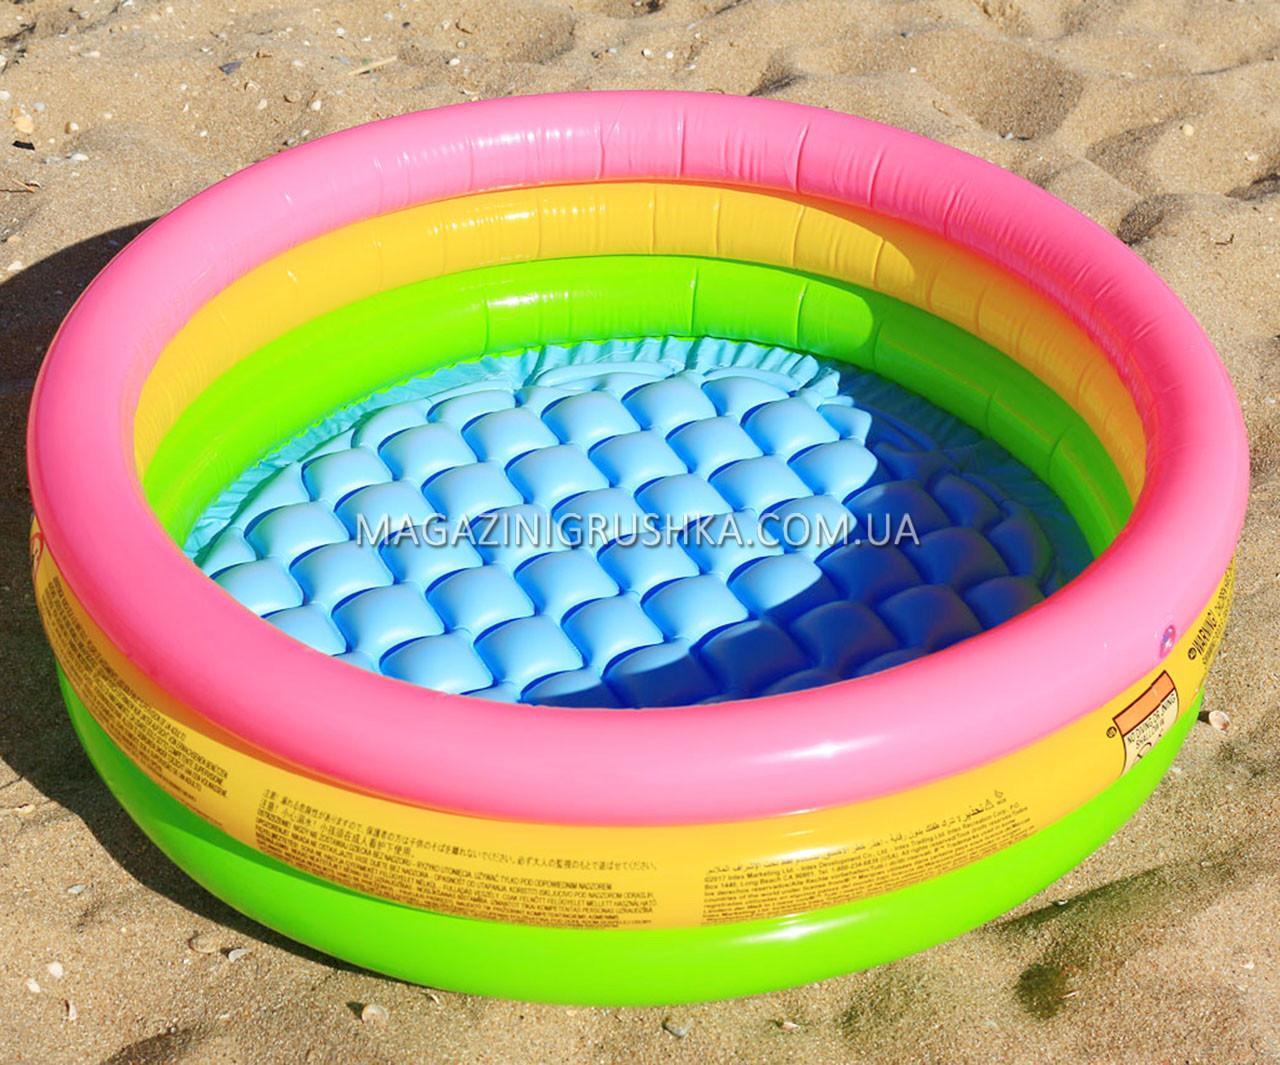 Бассейн надувной для детей Радуга Intex 58924